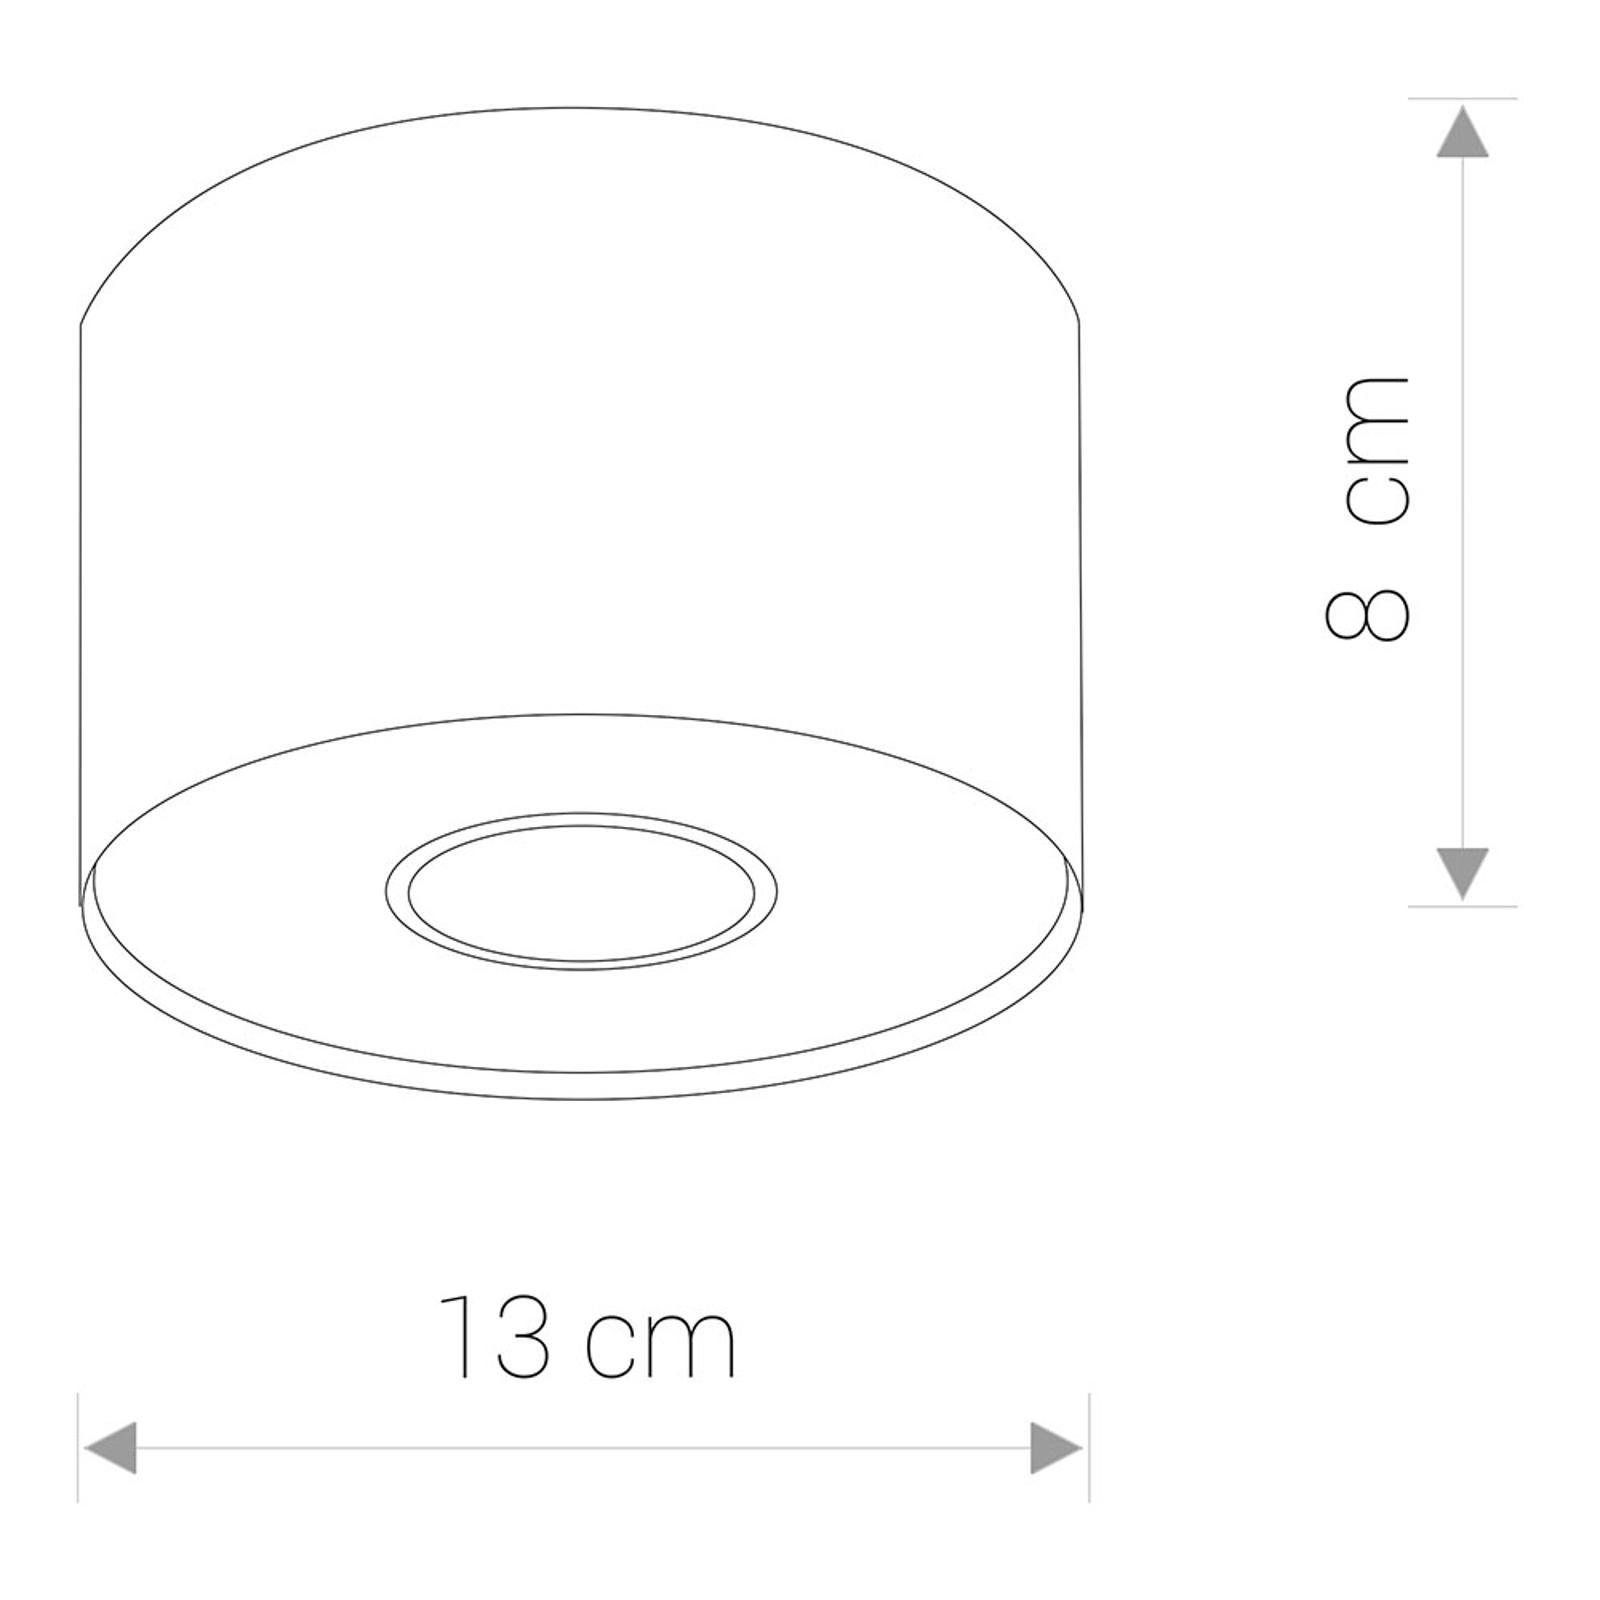 Billede af Point S loftspot i cylindrisk form, grafit